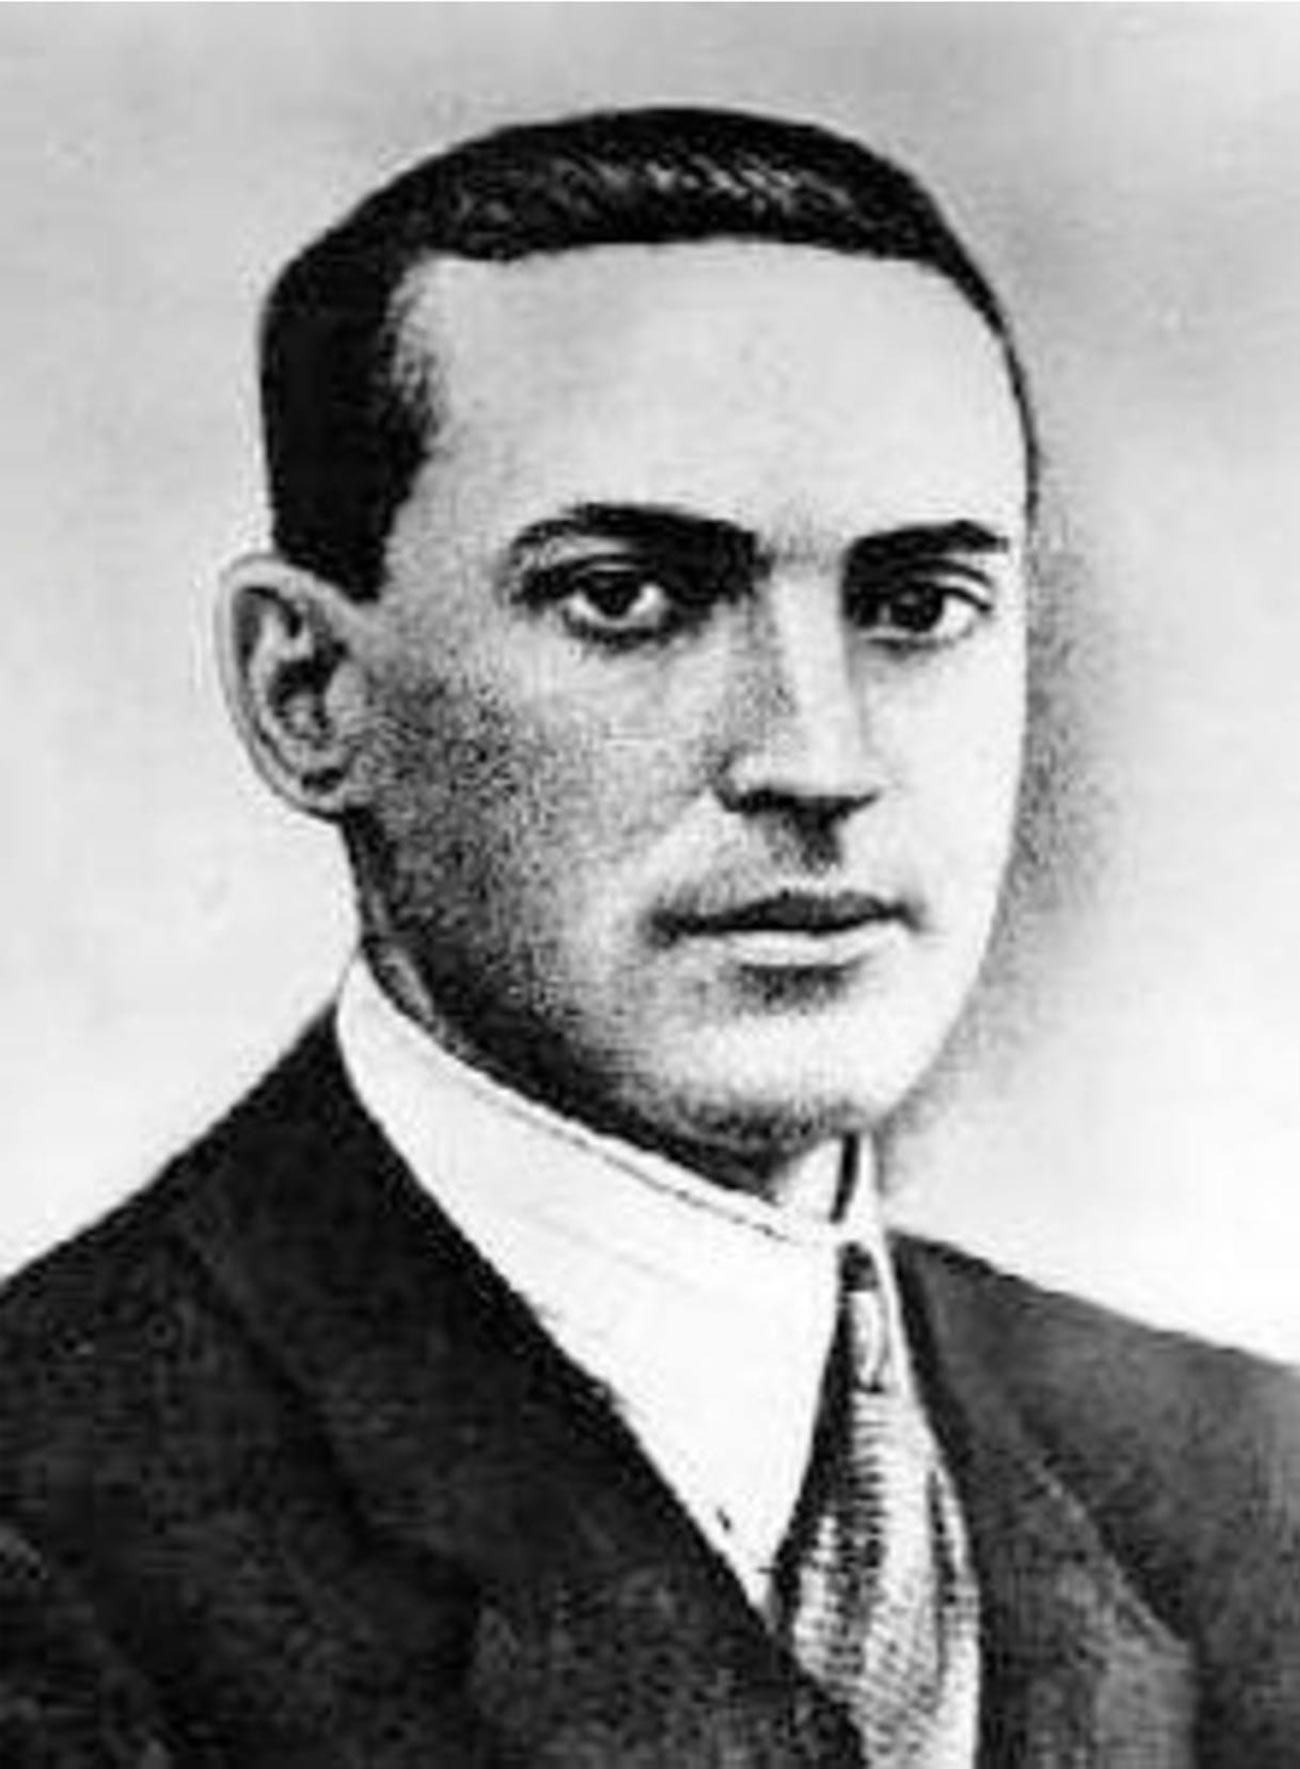 One of the founders of Soviet psychology, Lev Vygotsky.